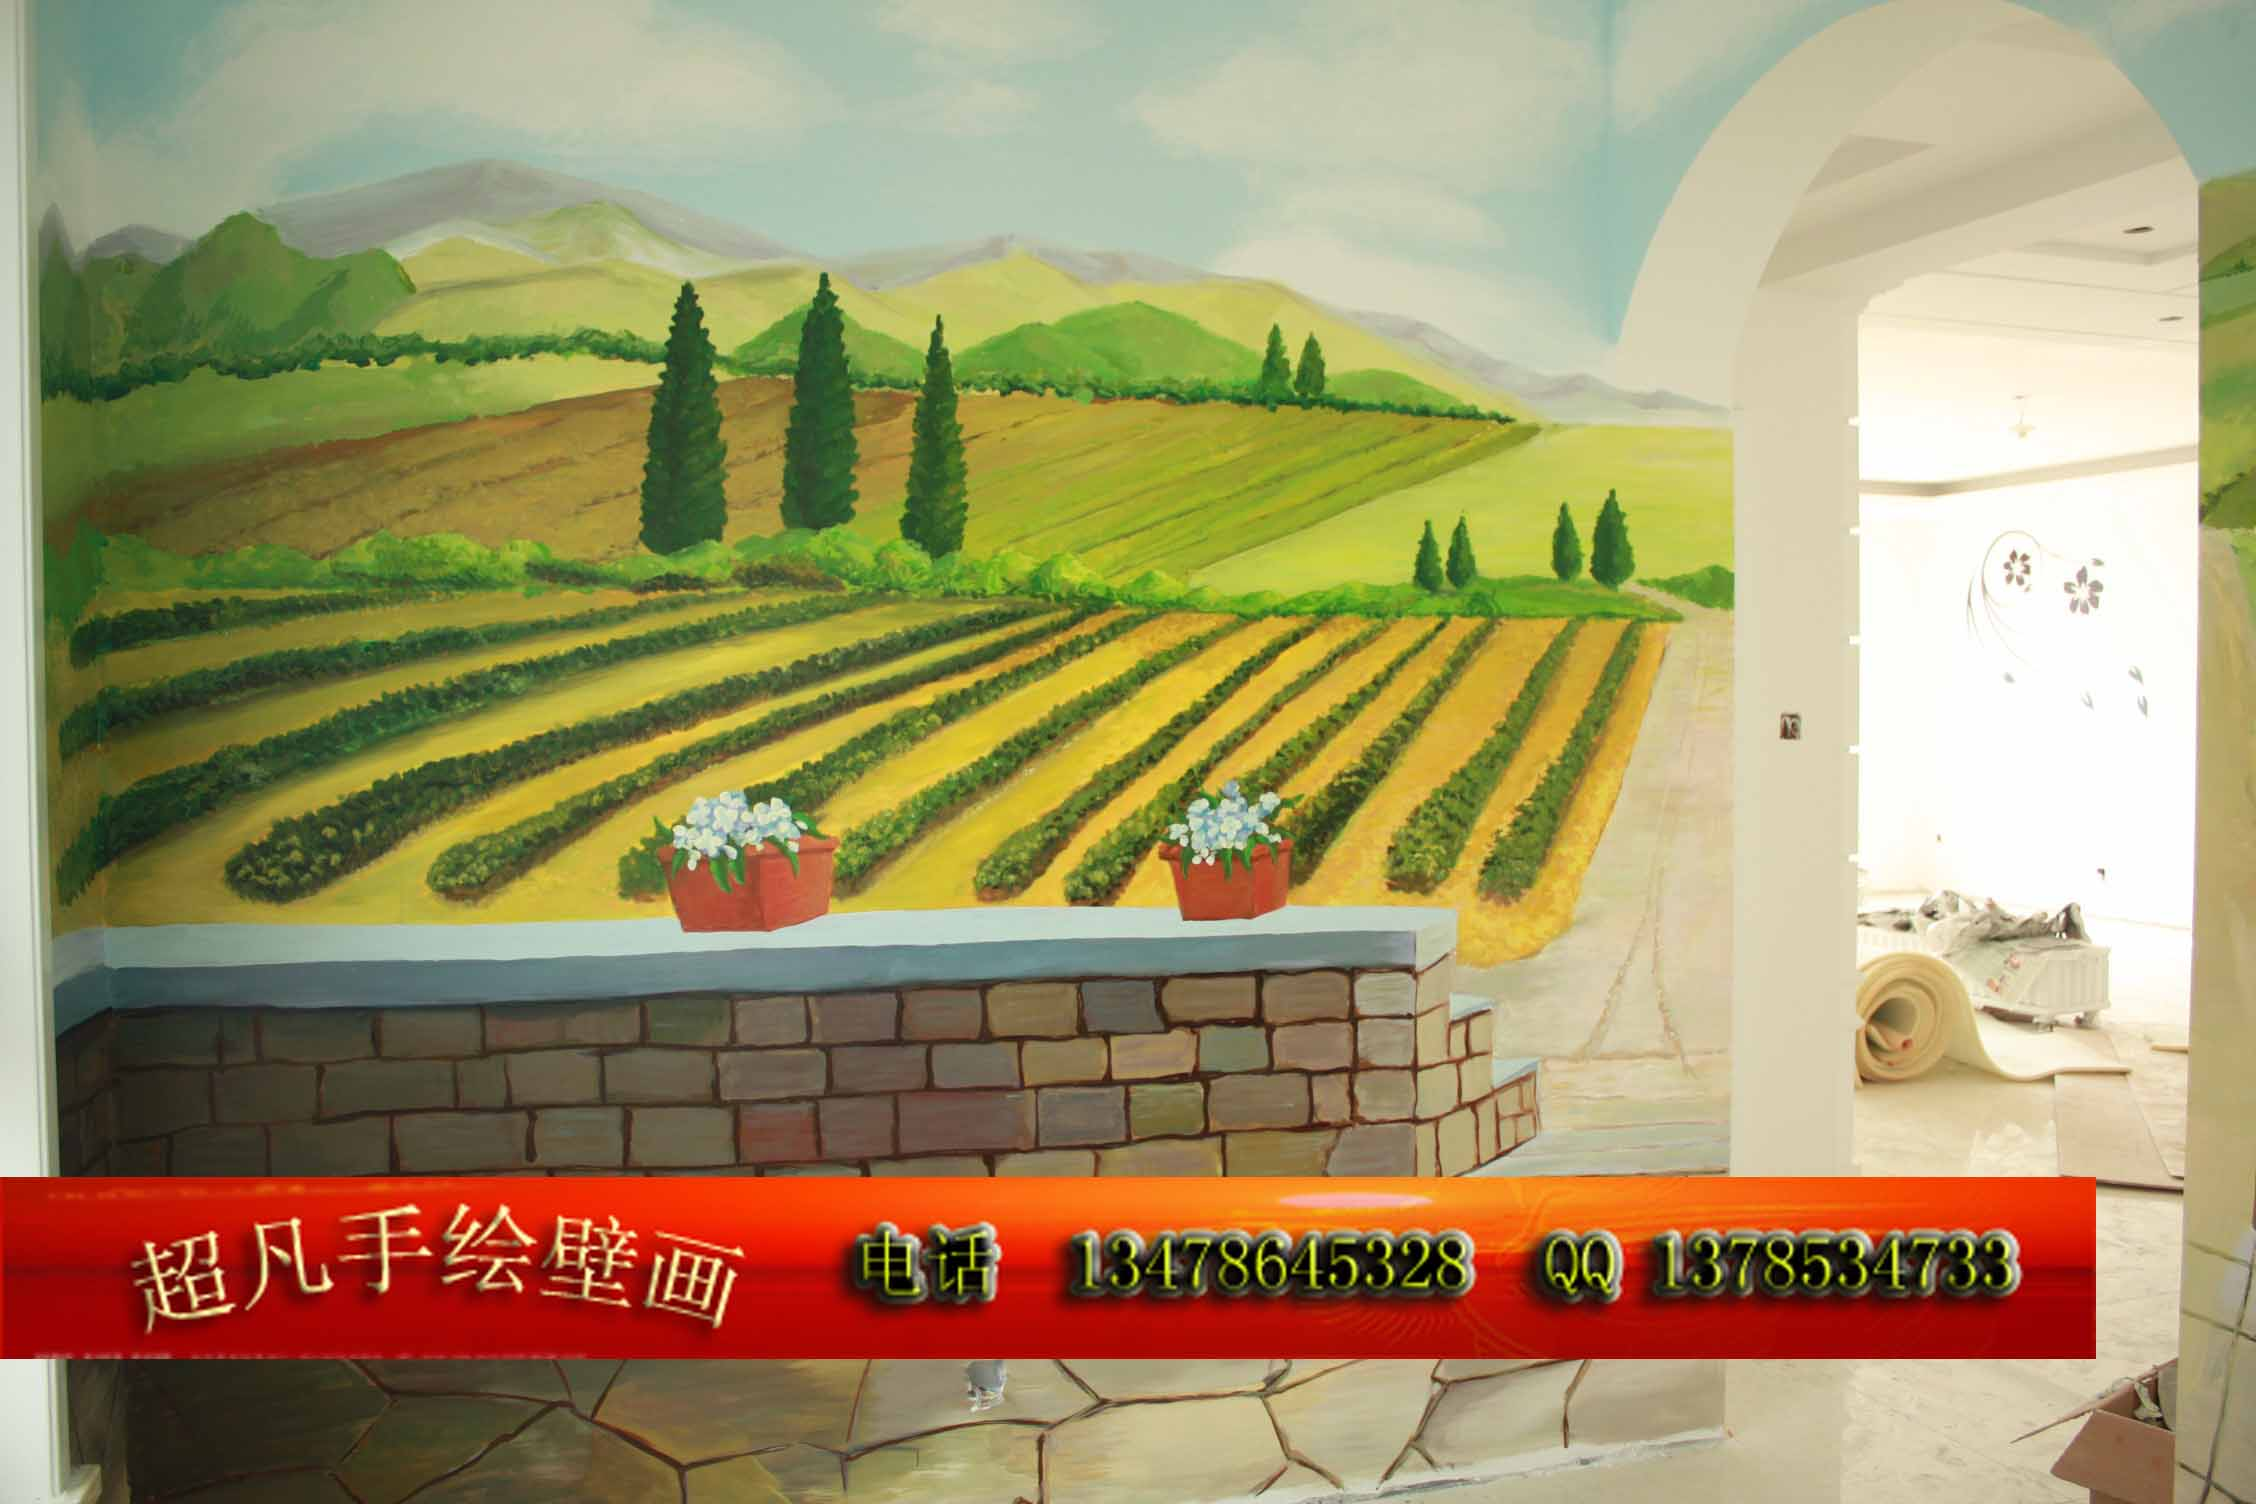 超凡手绘壁画工作室生产供应简欧风格手绘墙